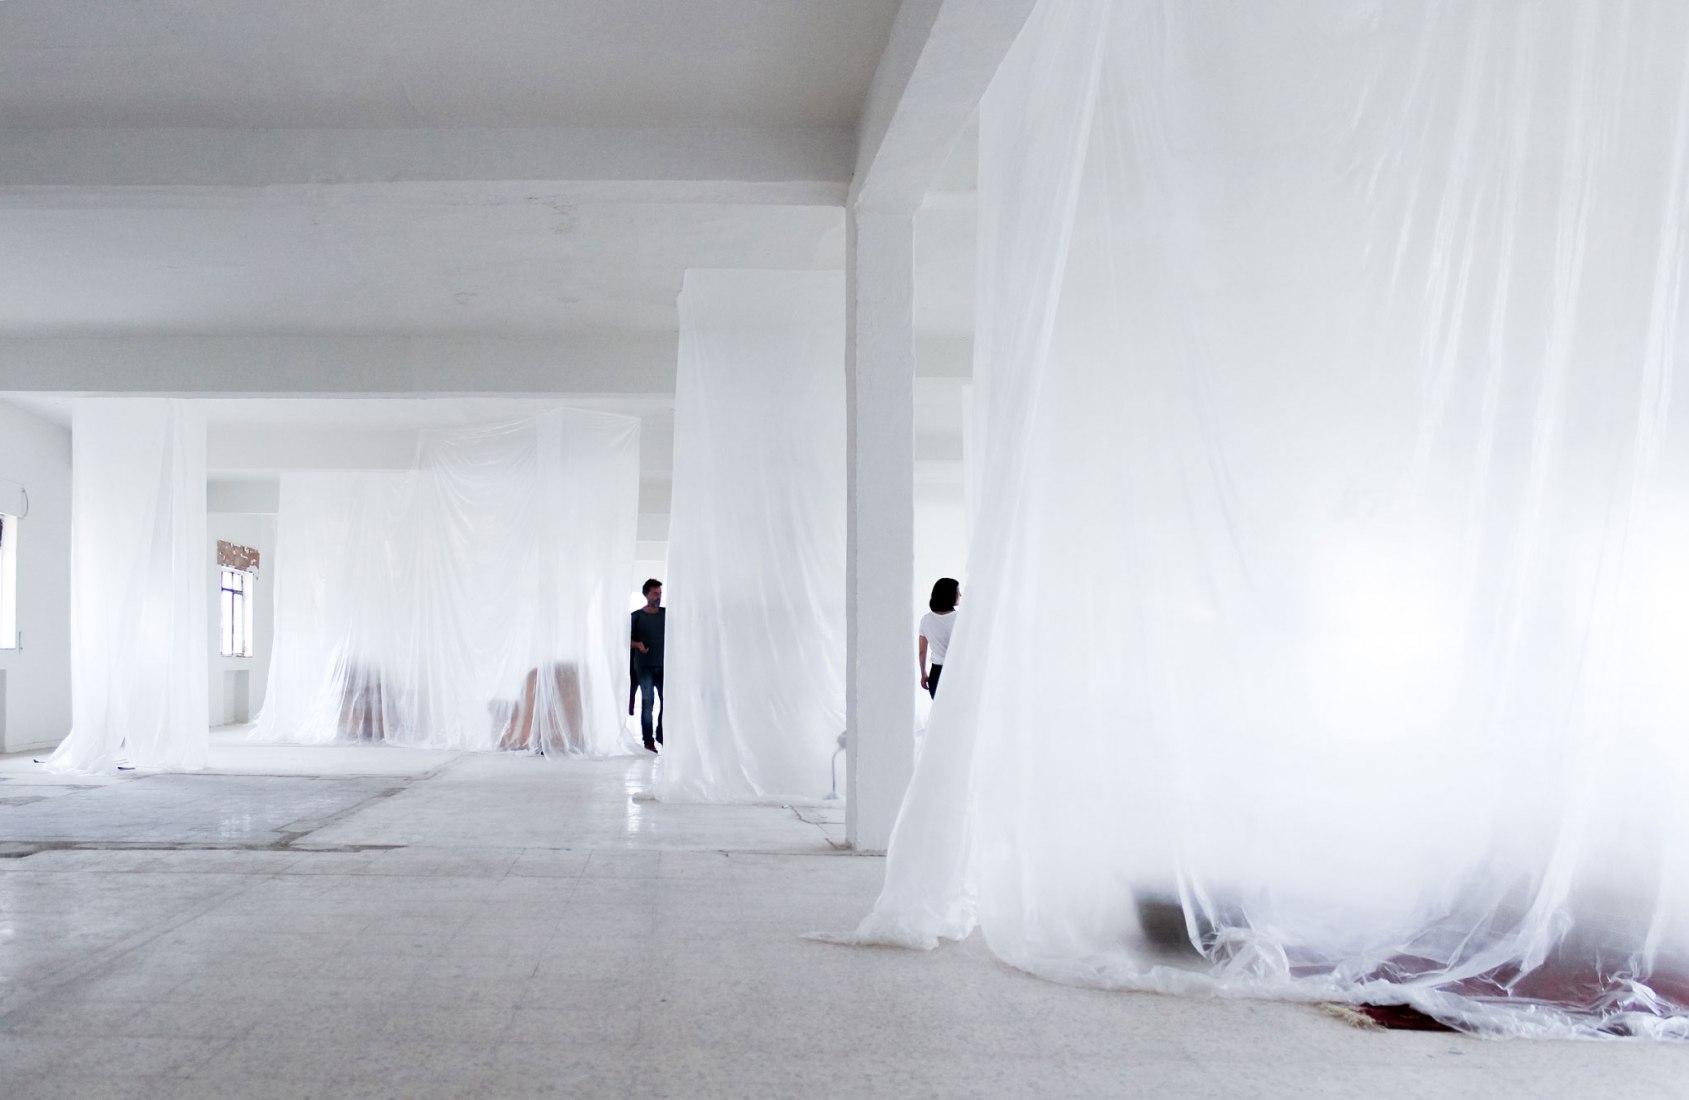 Intervención urbana. DOMESTICAR, la primera puesta en escena estética del grupo Espacio Interrogante [?]. Fotografía por Judit Otero / METALOCUS